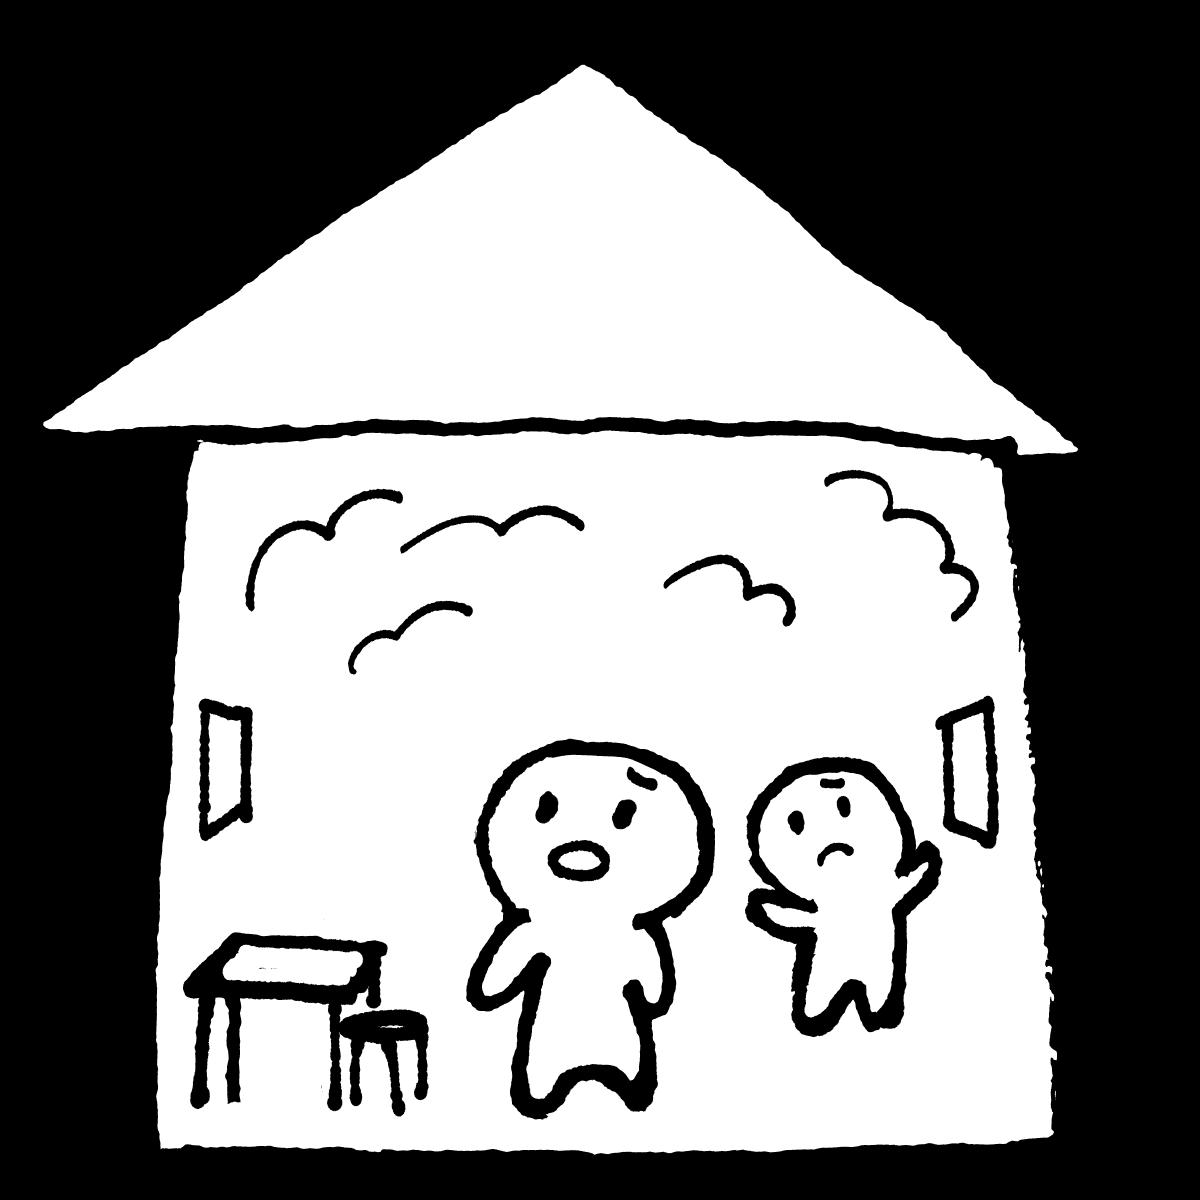 空気のこもる家(密室・三密)のイラスト / A house filled with air Illustration